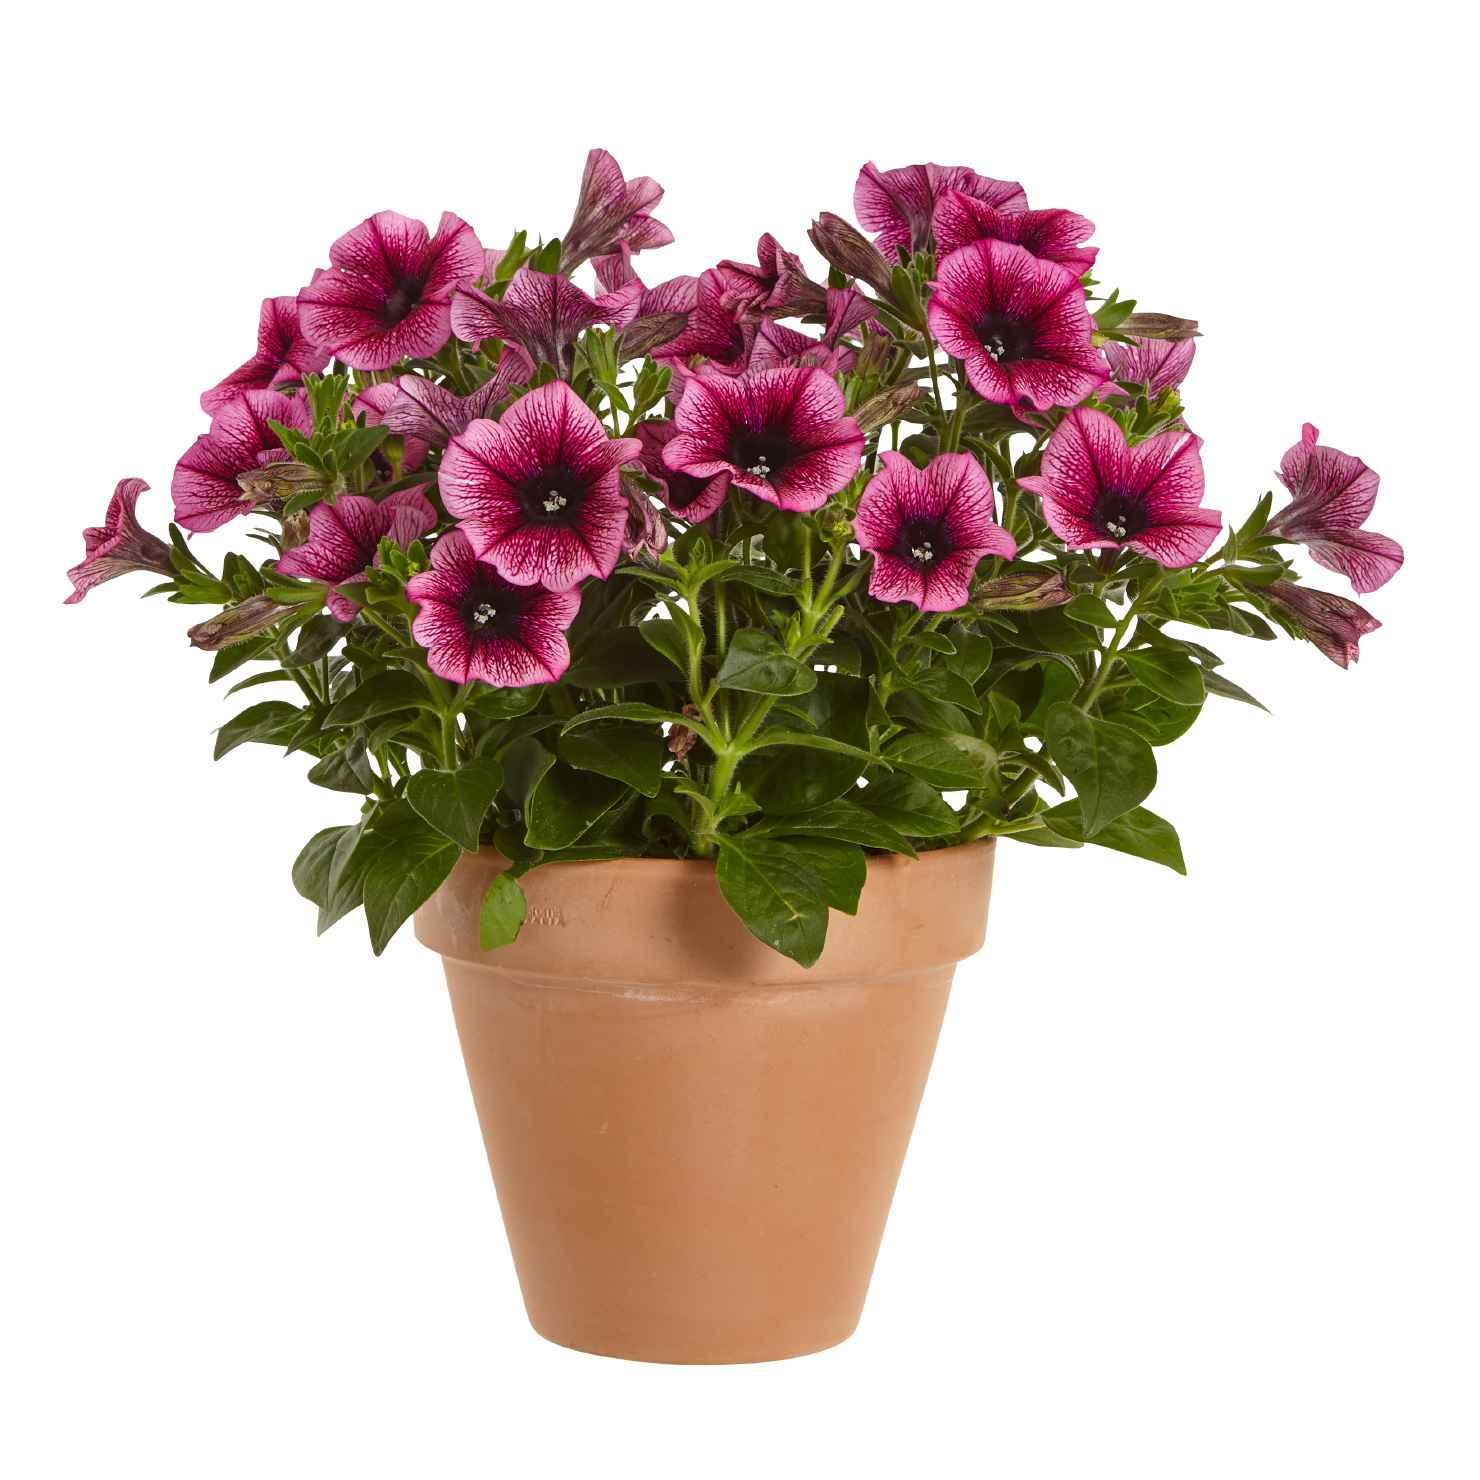 Produktbild 1 på Petunia